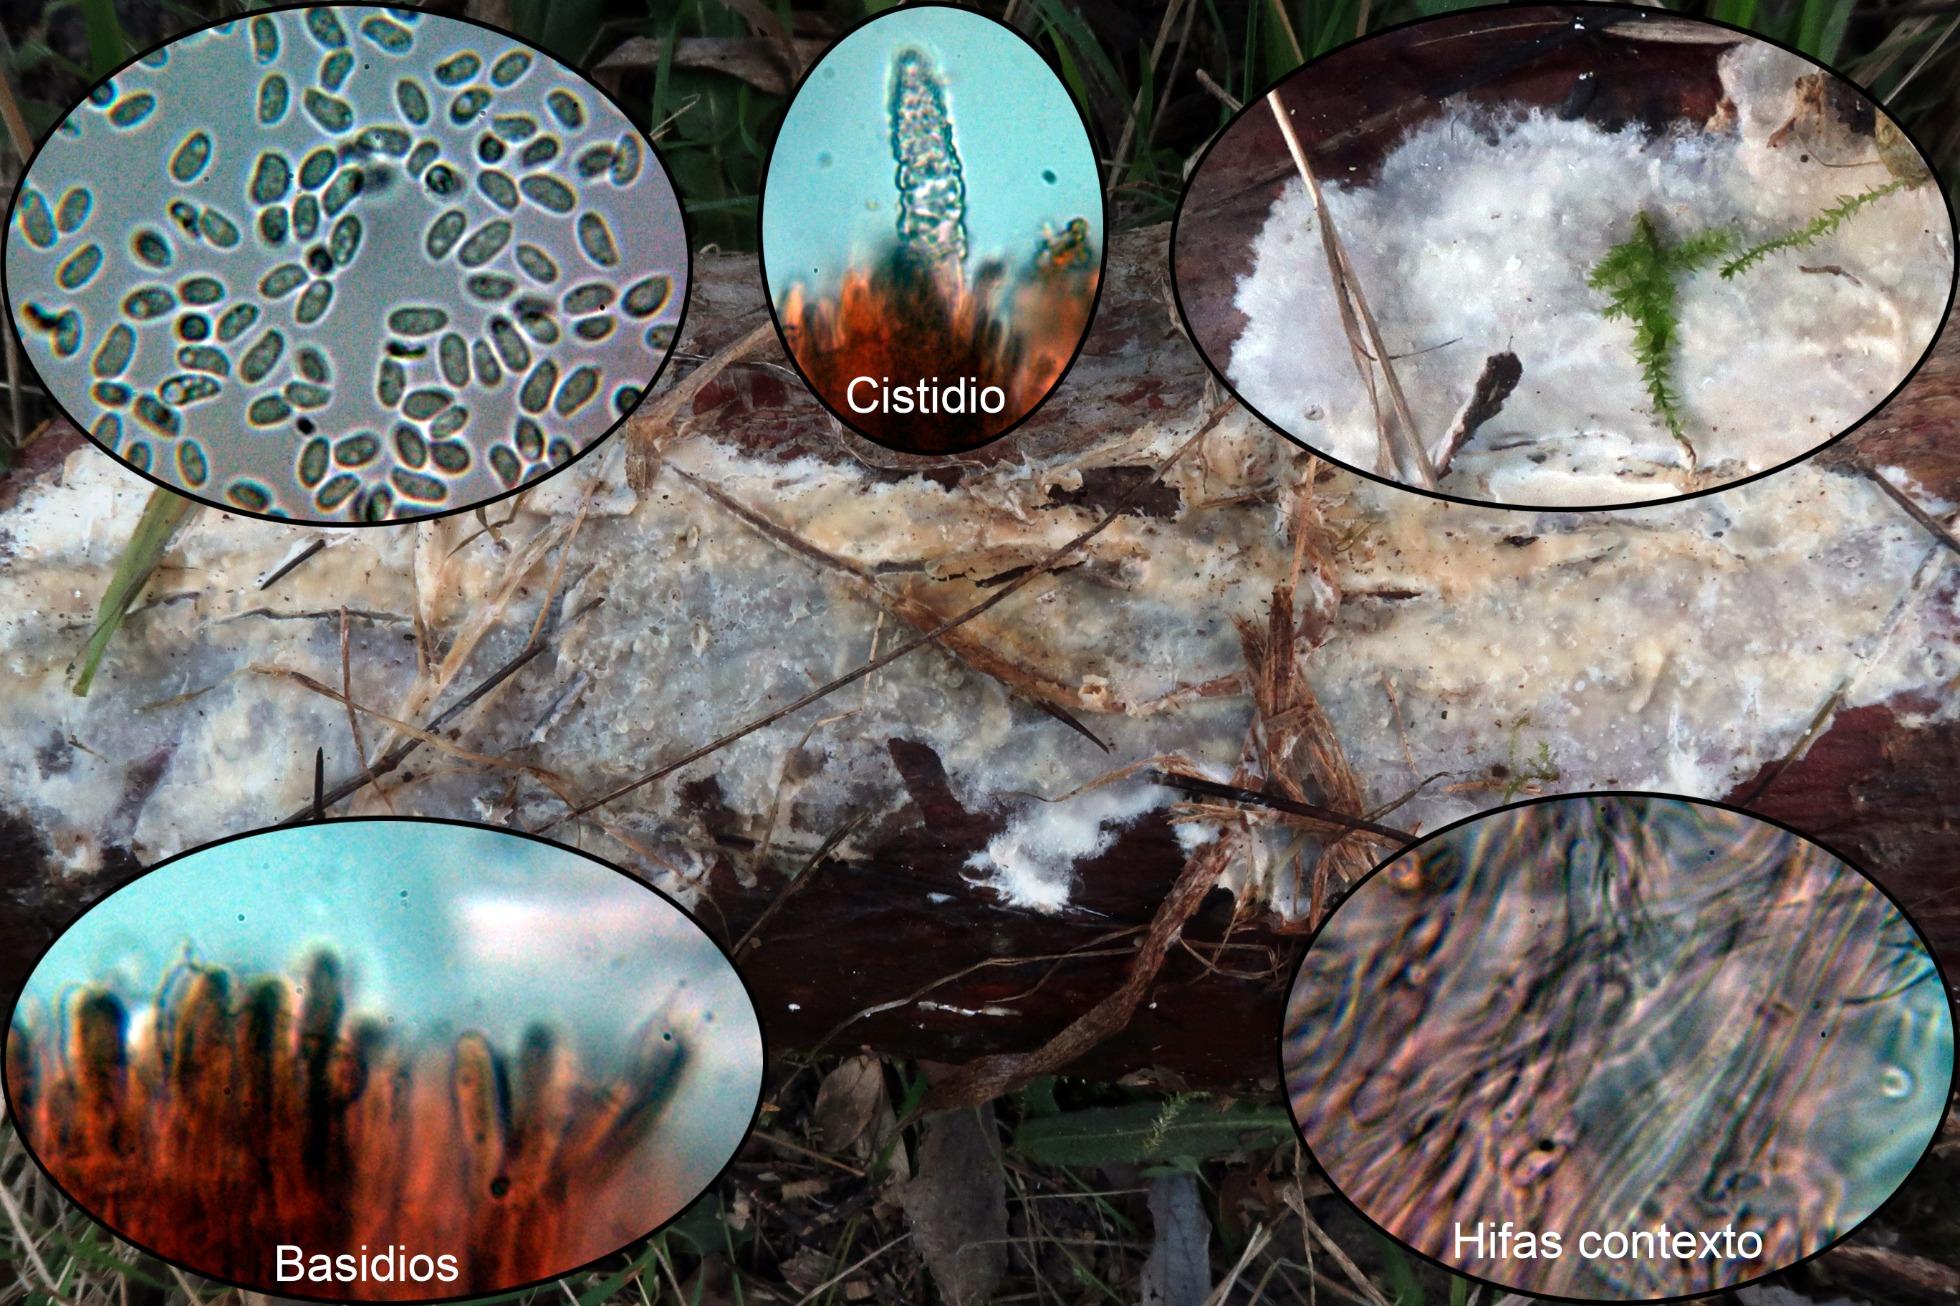 Phlebiopsisgiganteap.jpg